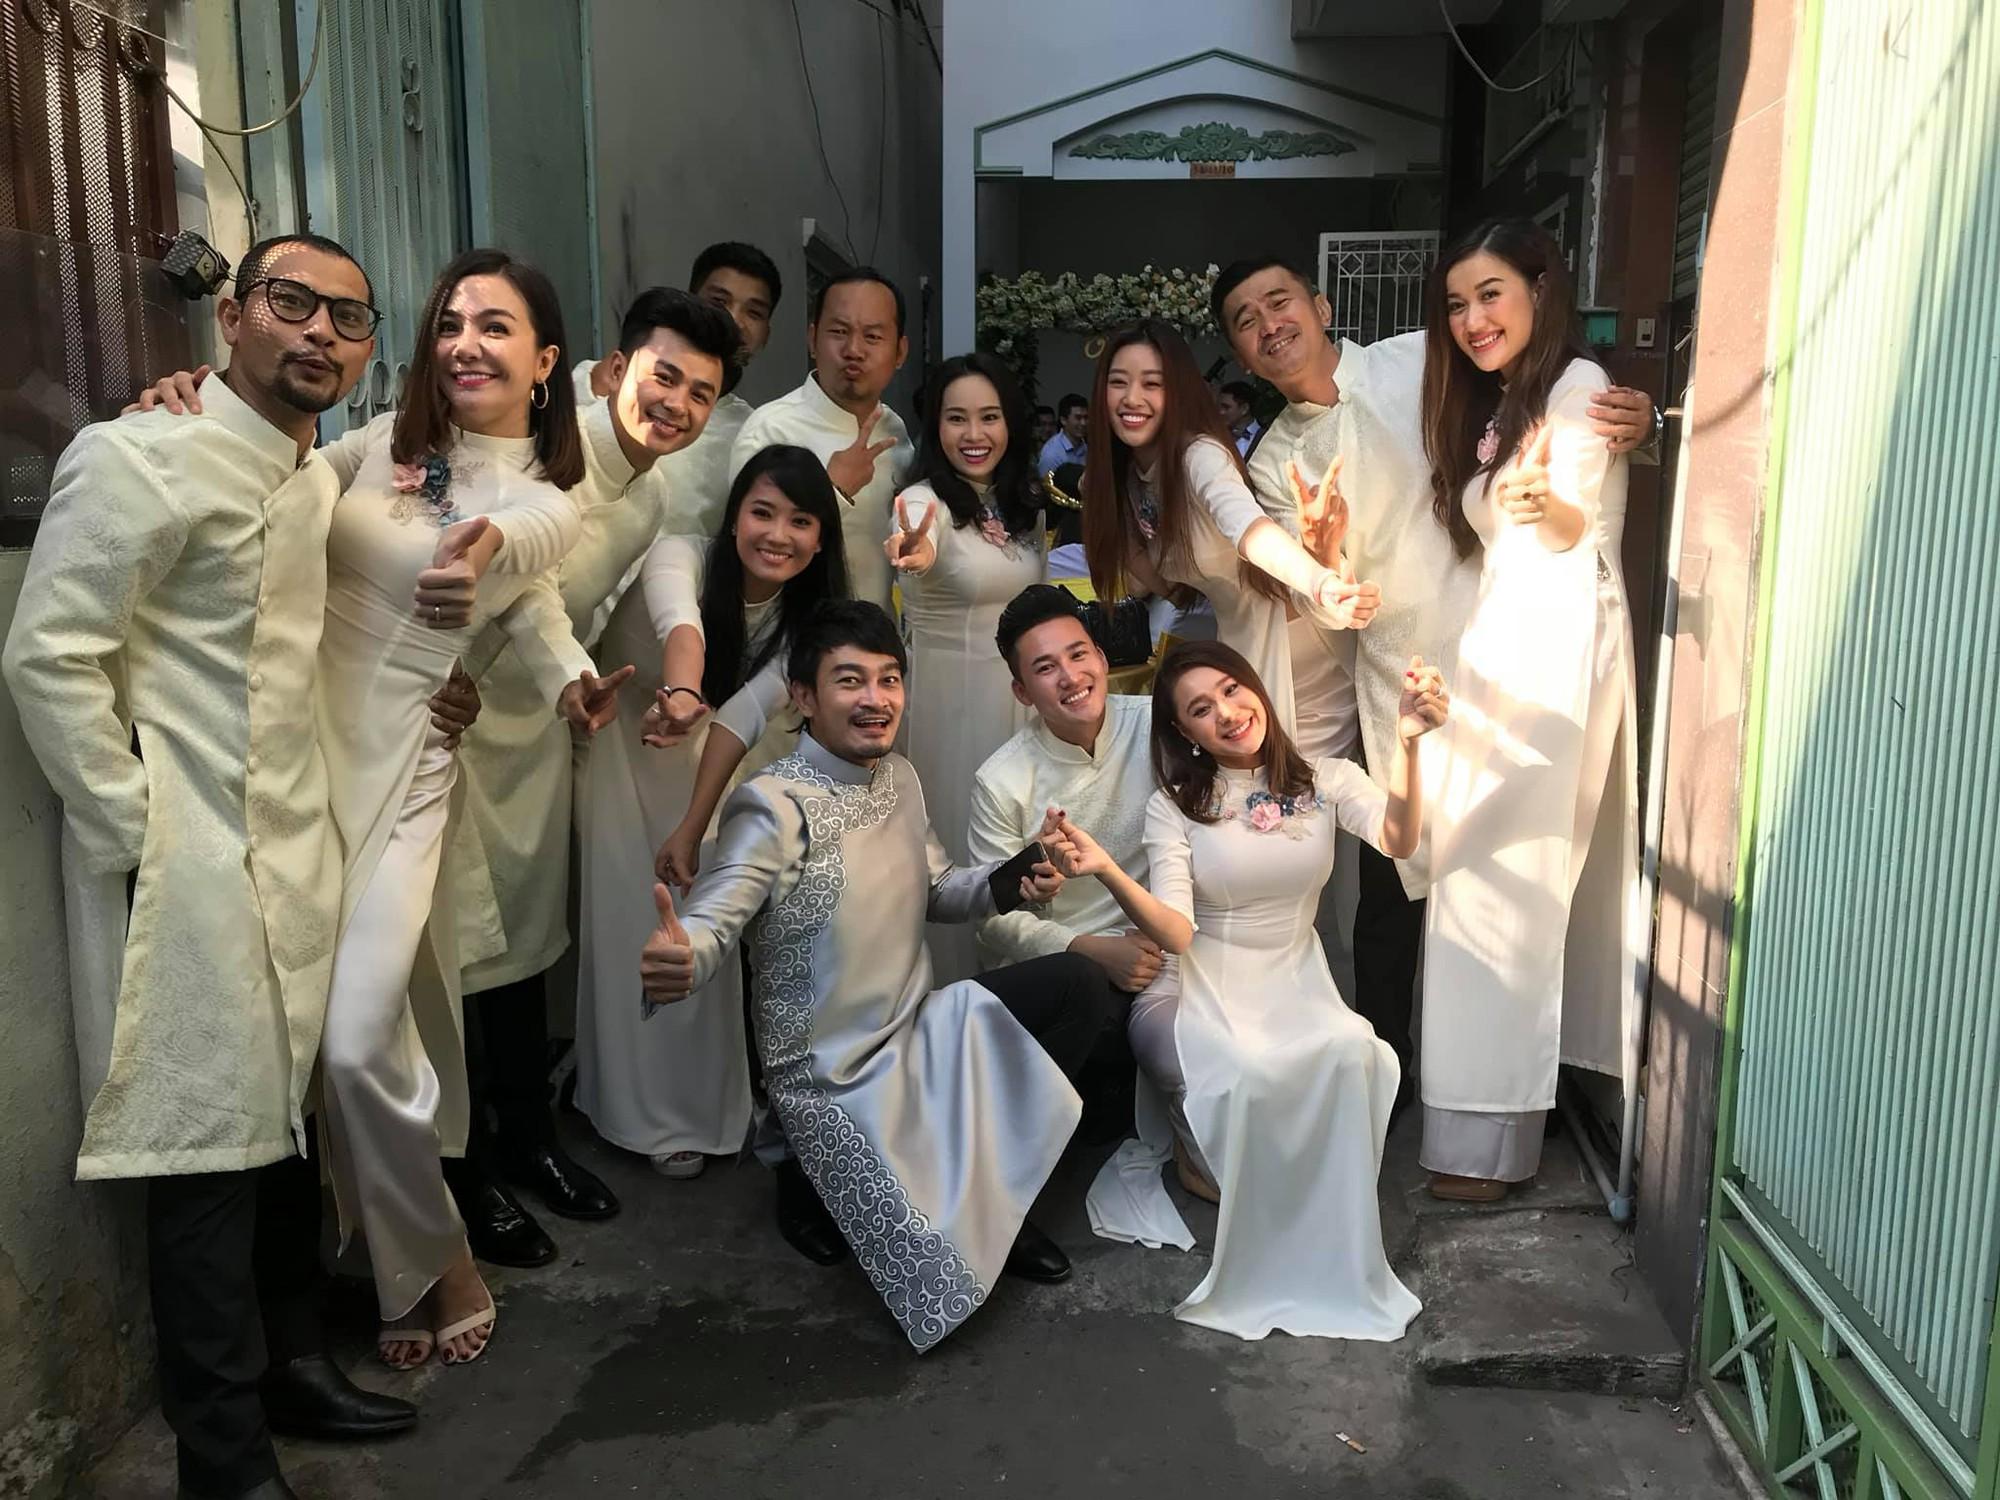 Vợ chồng Ái Châu - Huỳnh Đông cùng dàn diễn viên nổi tiếng bưng quả trong đám hỏi sao nữ Gạo nếp gạo tẻ - Ảnh 4.